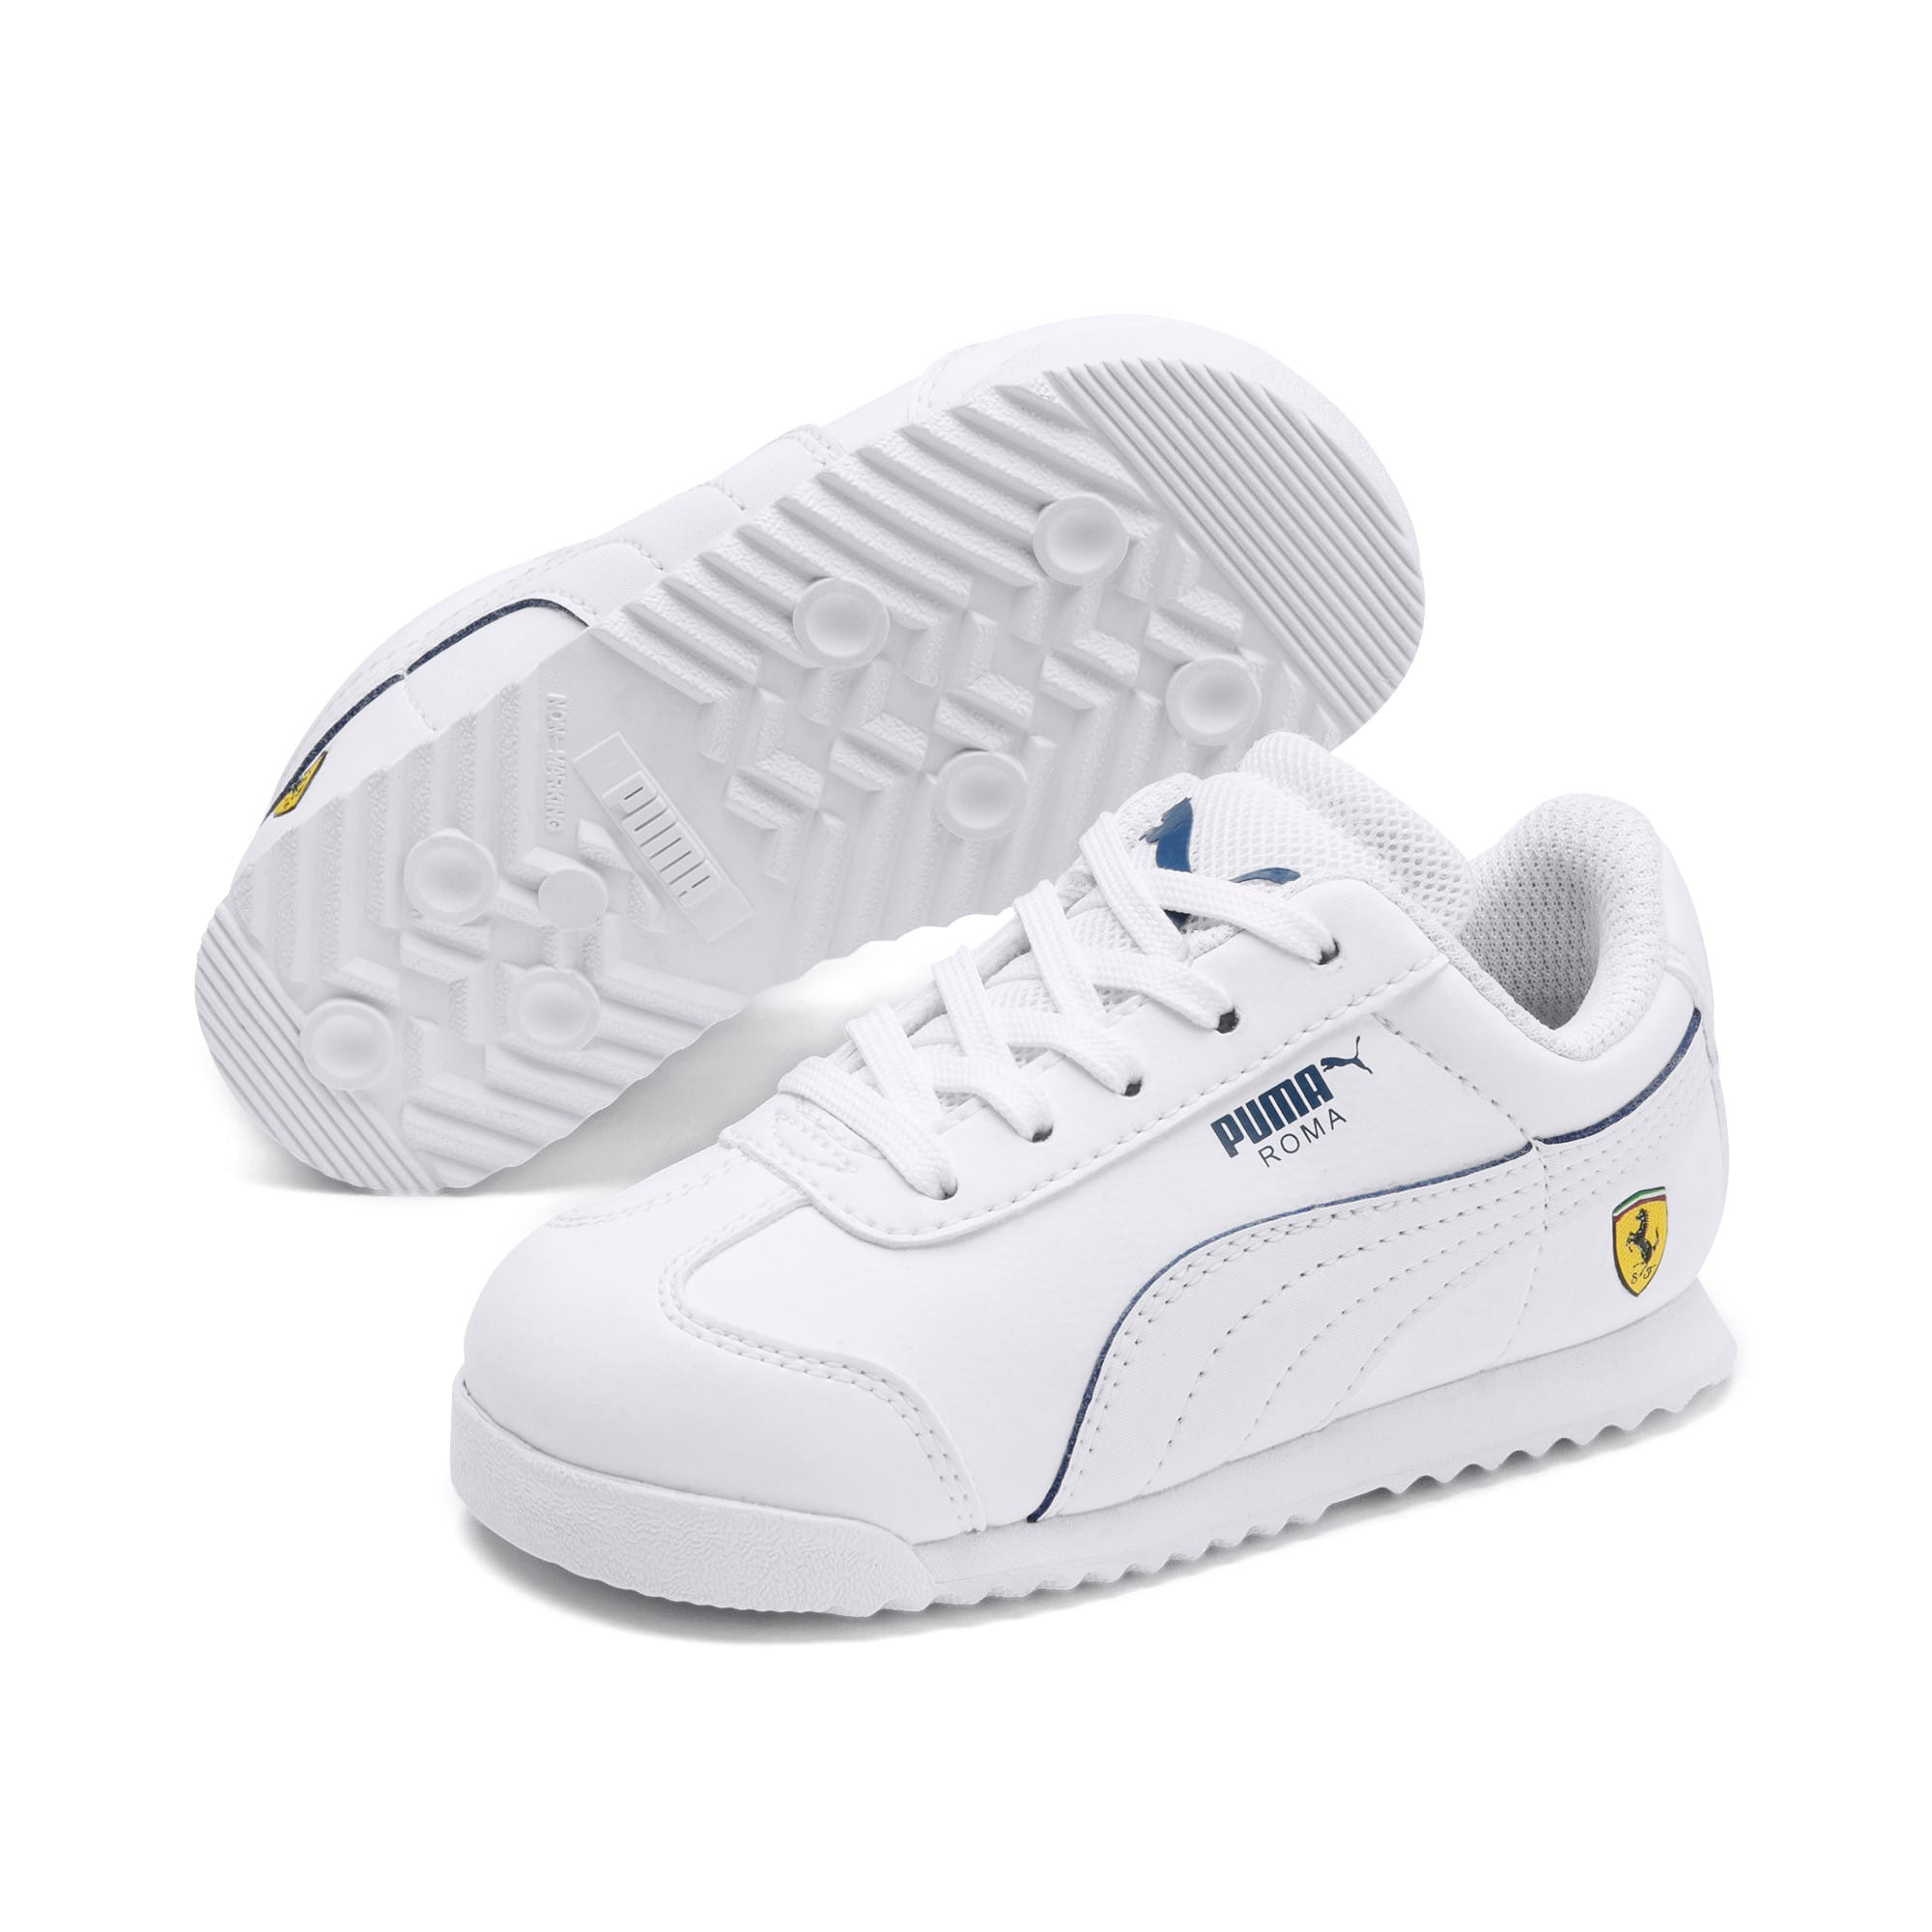 Thumbnail 2 of Scuderia Ferrari Roma Toddler Shoes, White-White-Galaxy Blue, medium